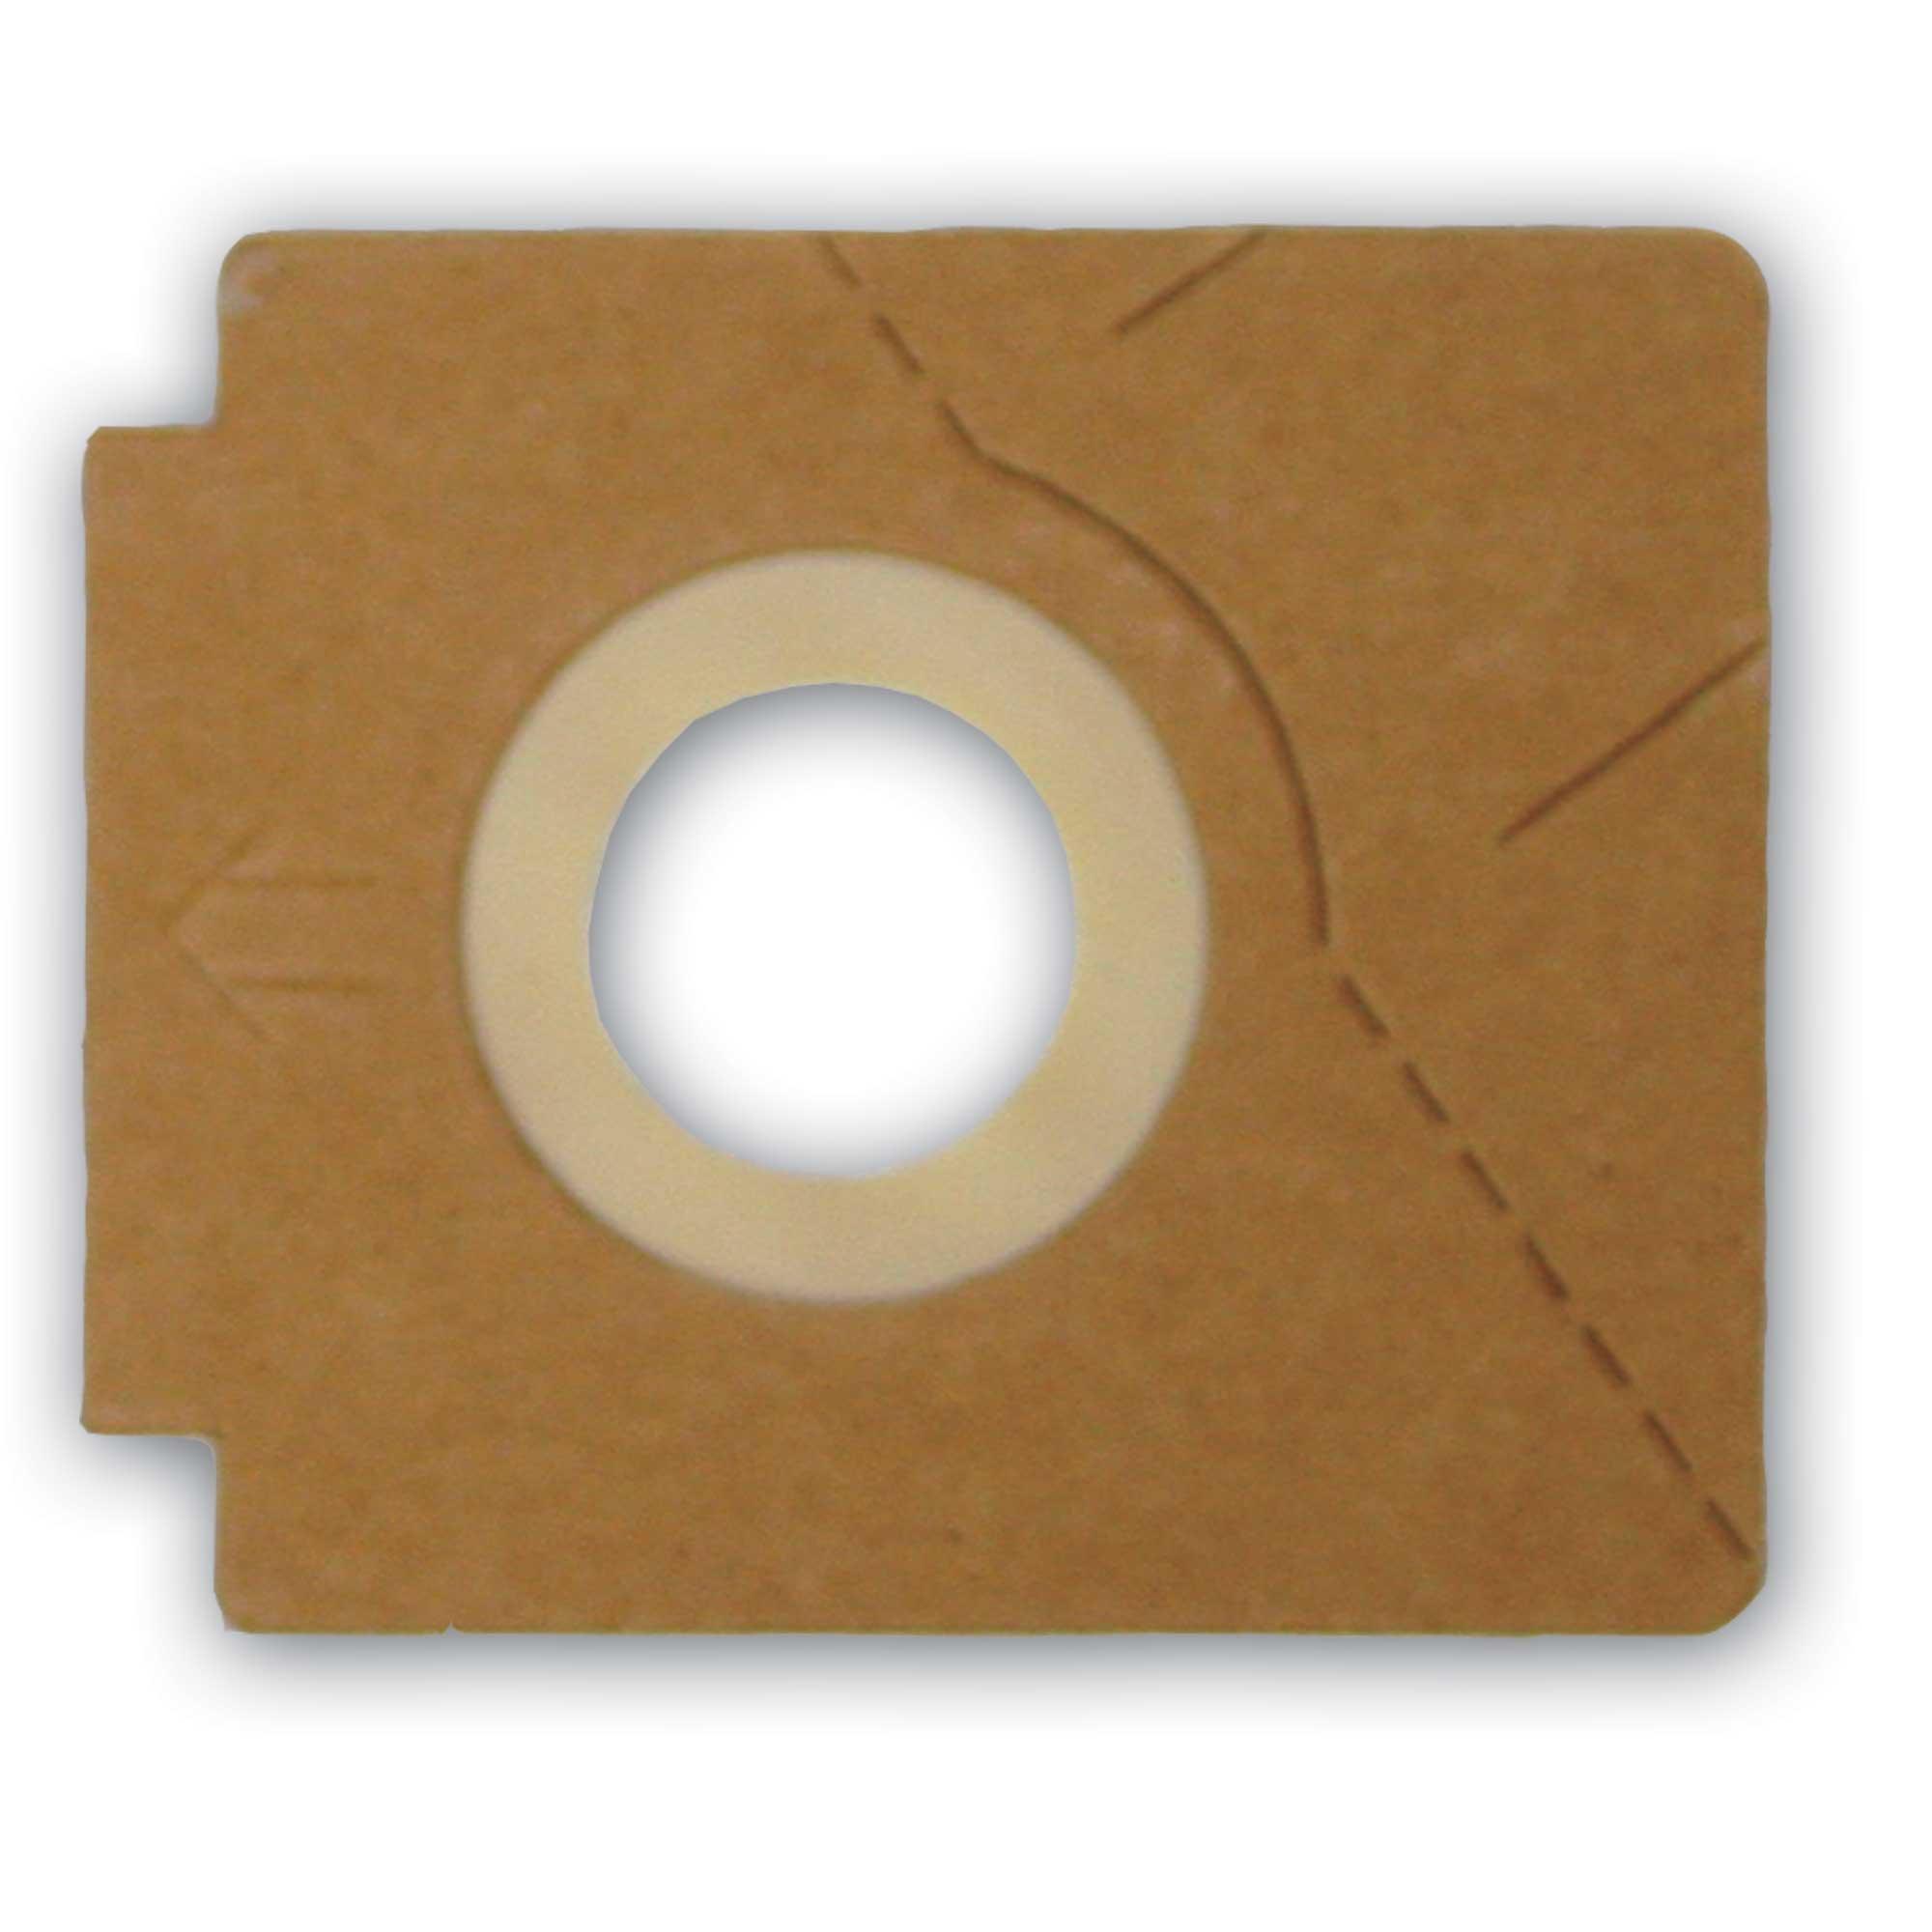 10  Staubsaugerbeutel  geeignet für Bob Home 2352